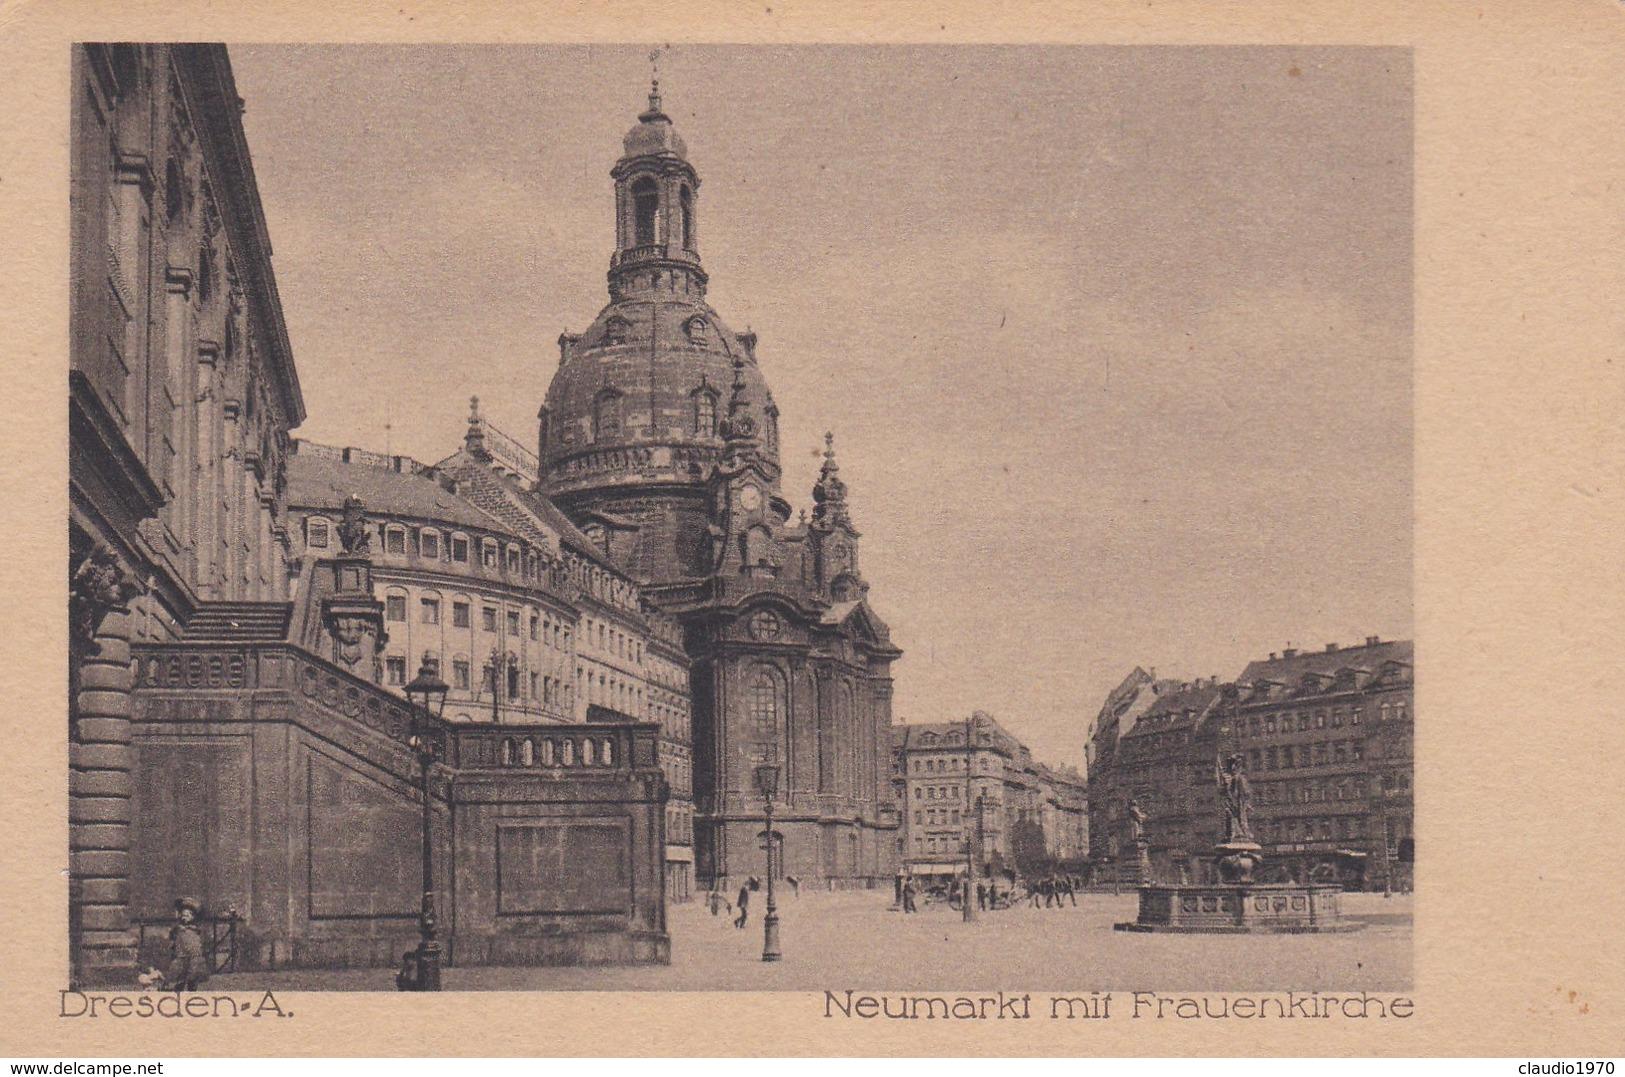 CARTOLINA - POSTCARD - GERMANIA - DRESDEN. A. - NEUMARKT MIT FRAUENKIRCHE - Dresden